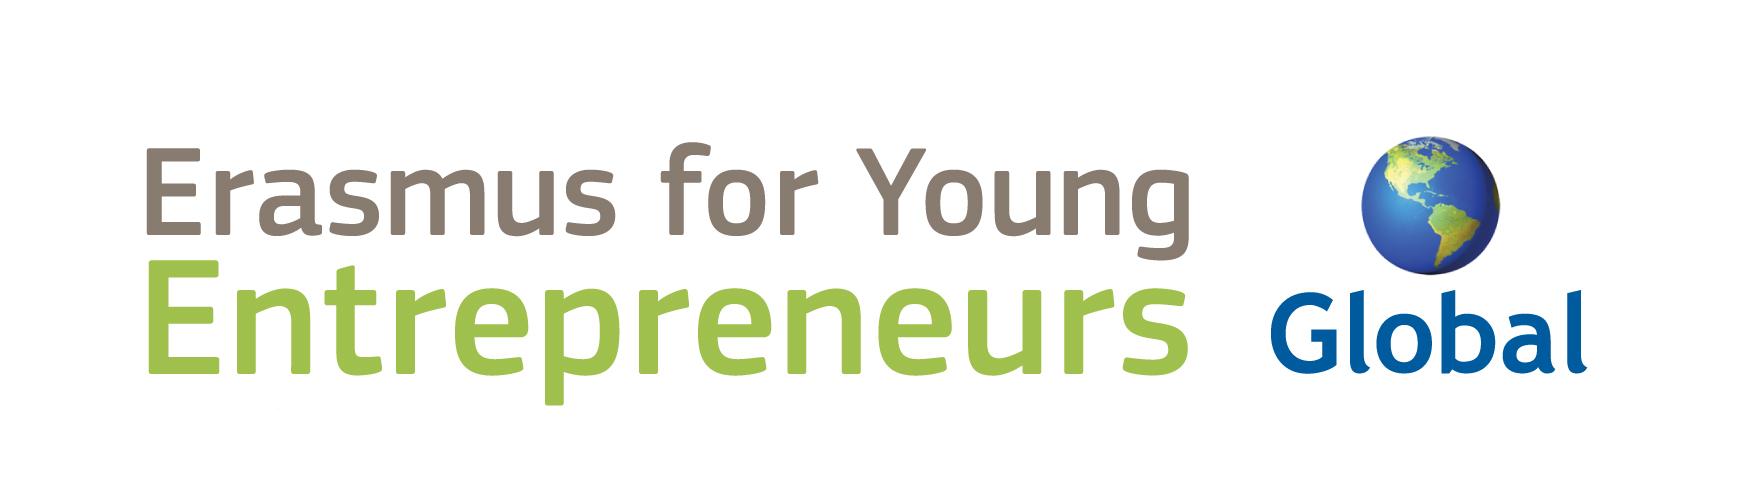 'Erasmus for Young Entrepreneurs Global': una opportunità di scambio per giovani imprenditori